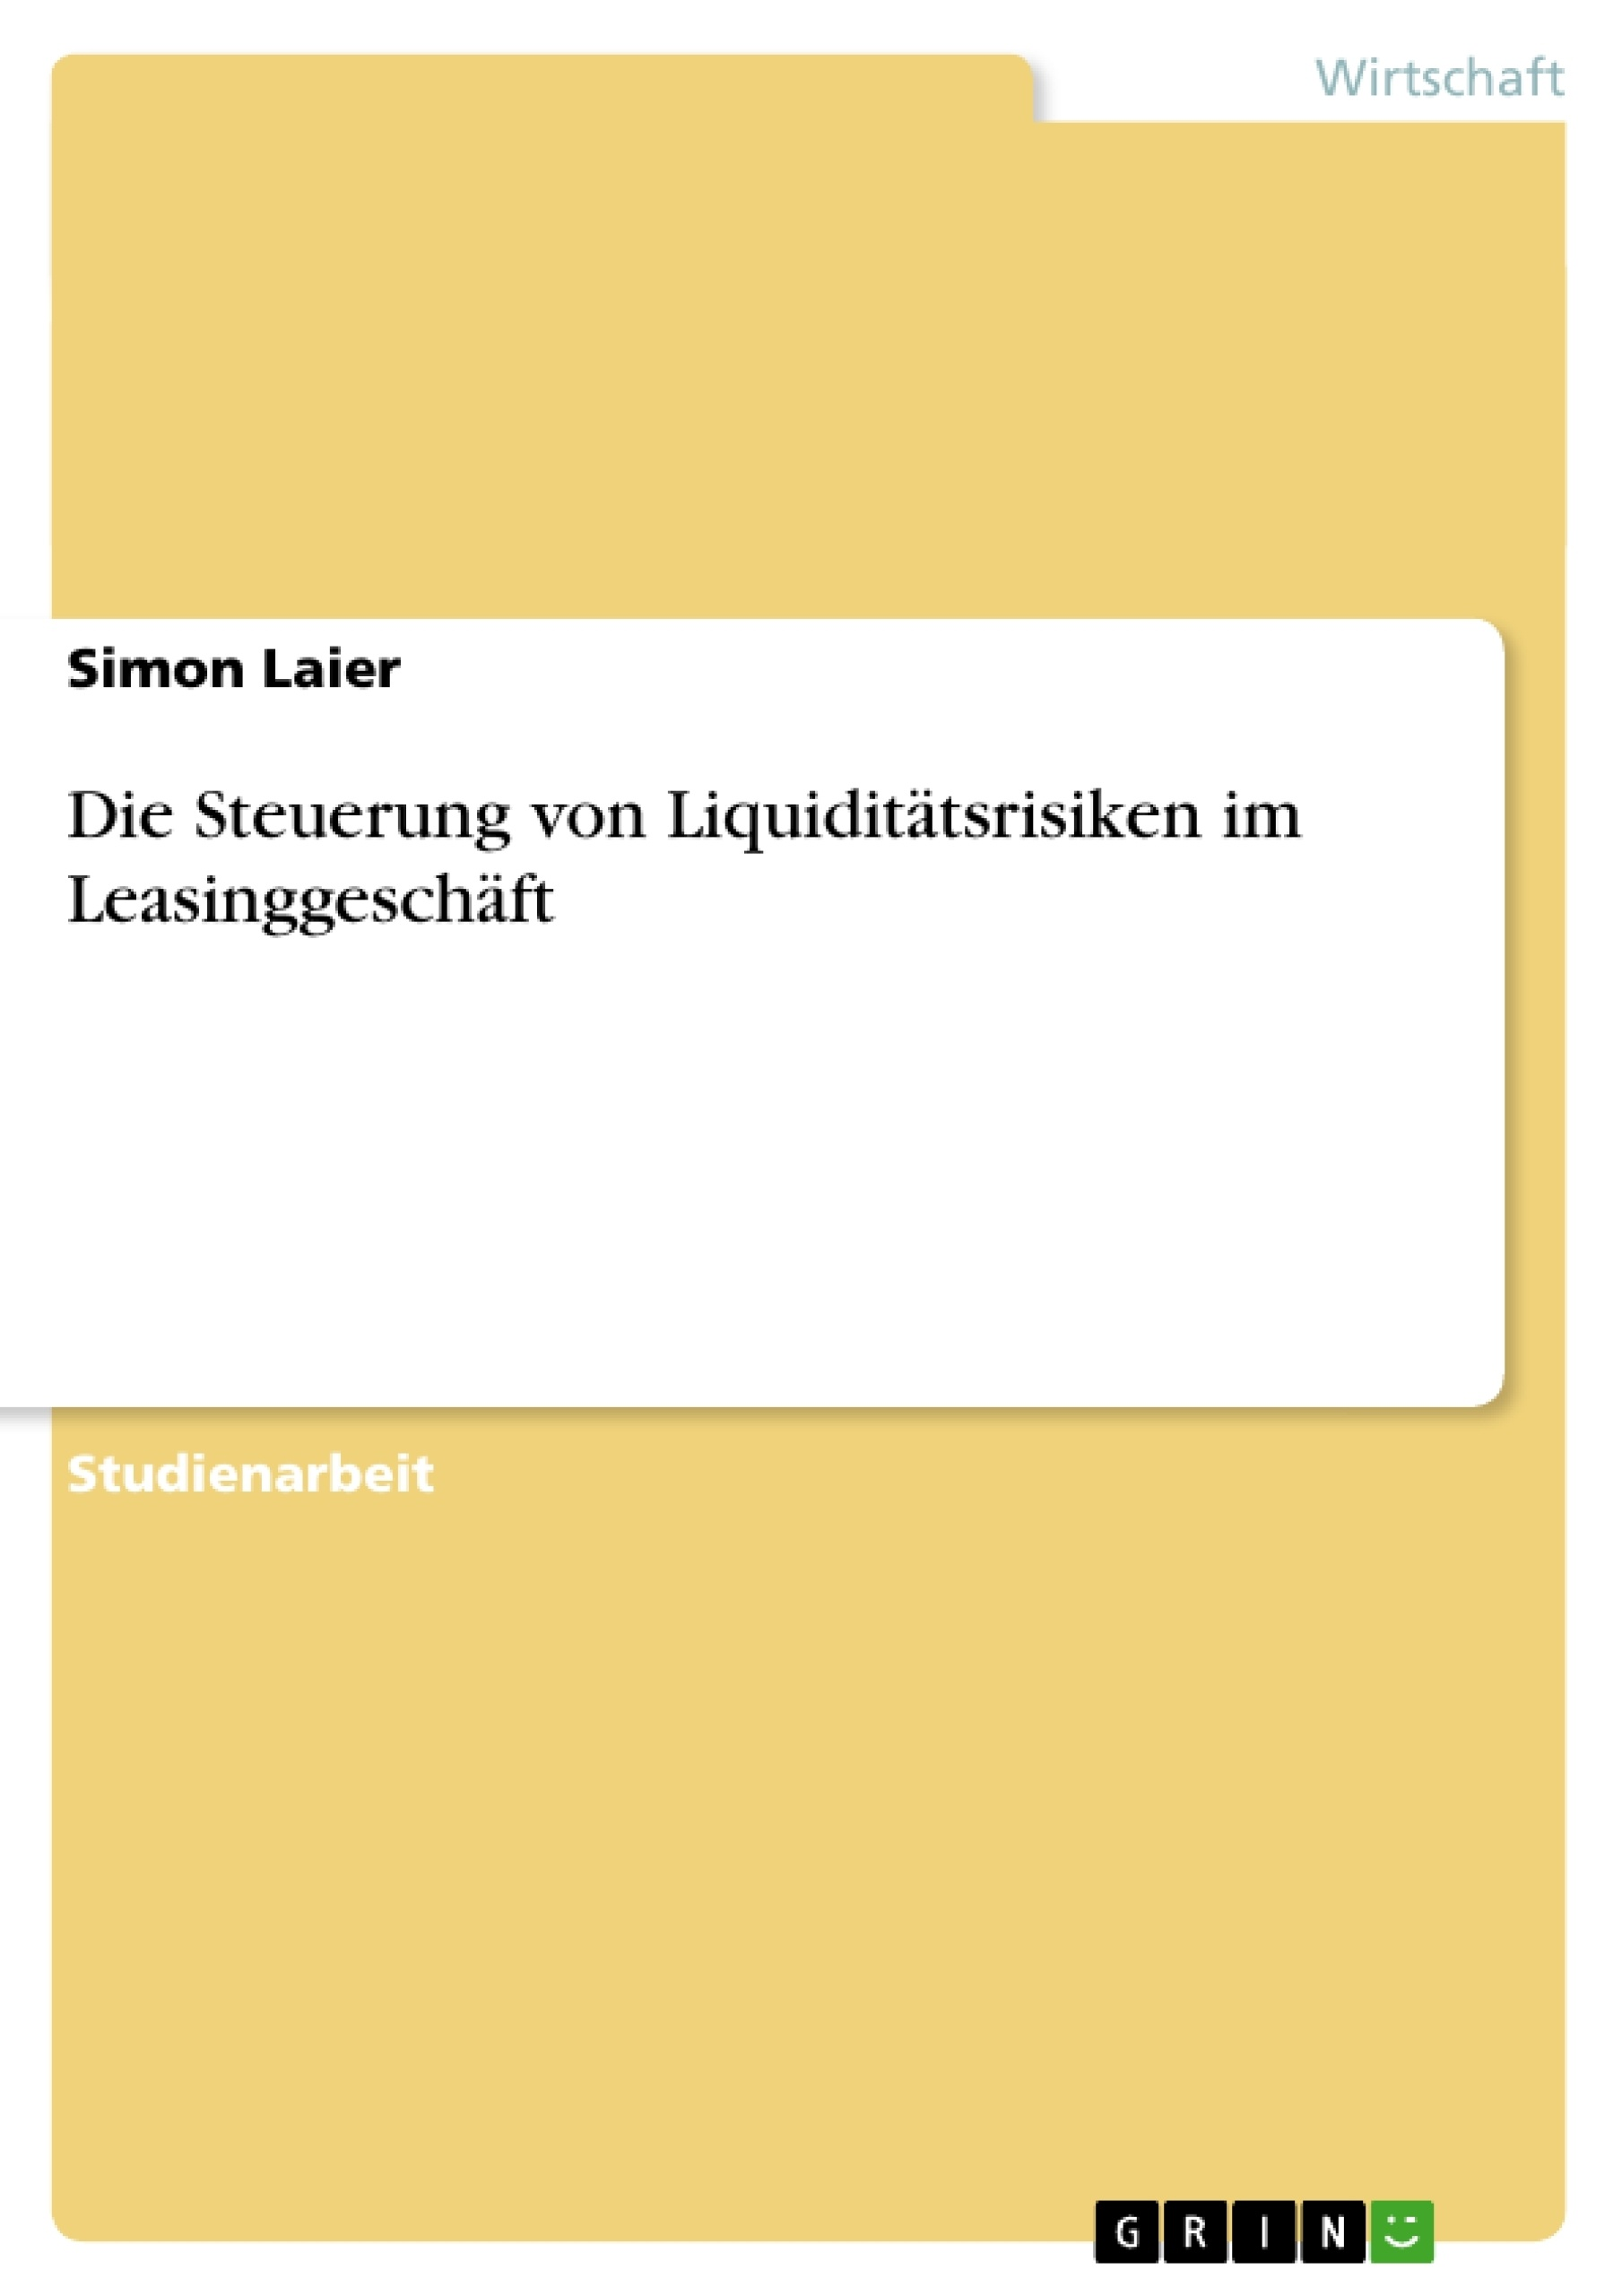 Titel: Die Steuerung von Liquiditätsrisiken im Leasinggeschäft